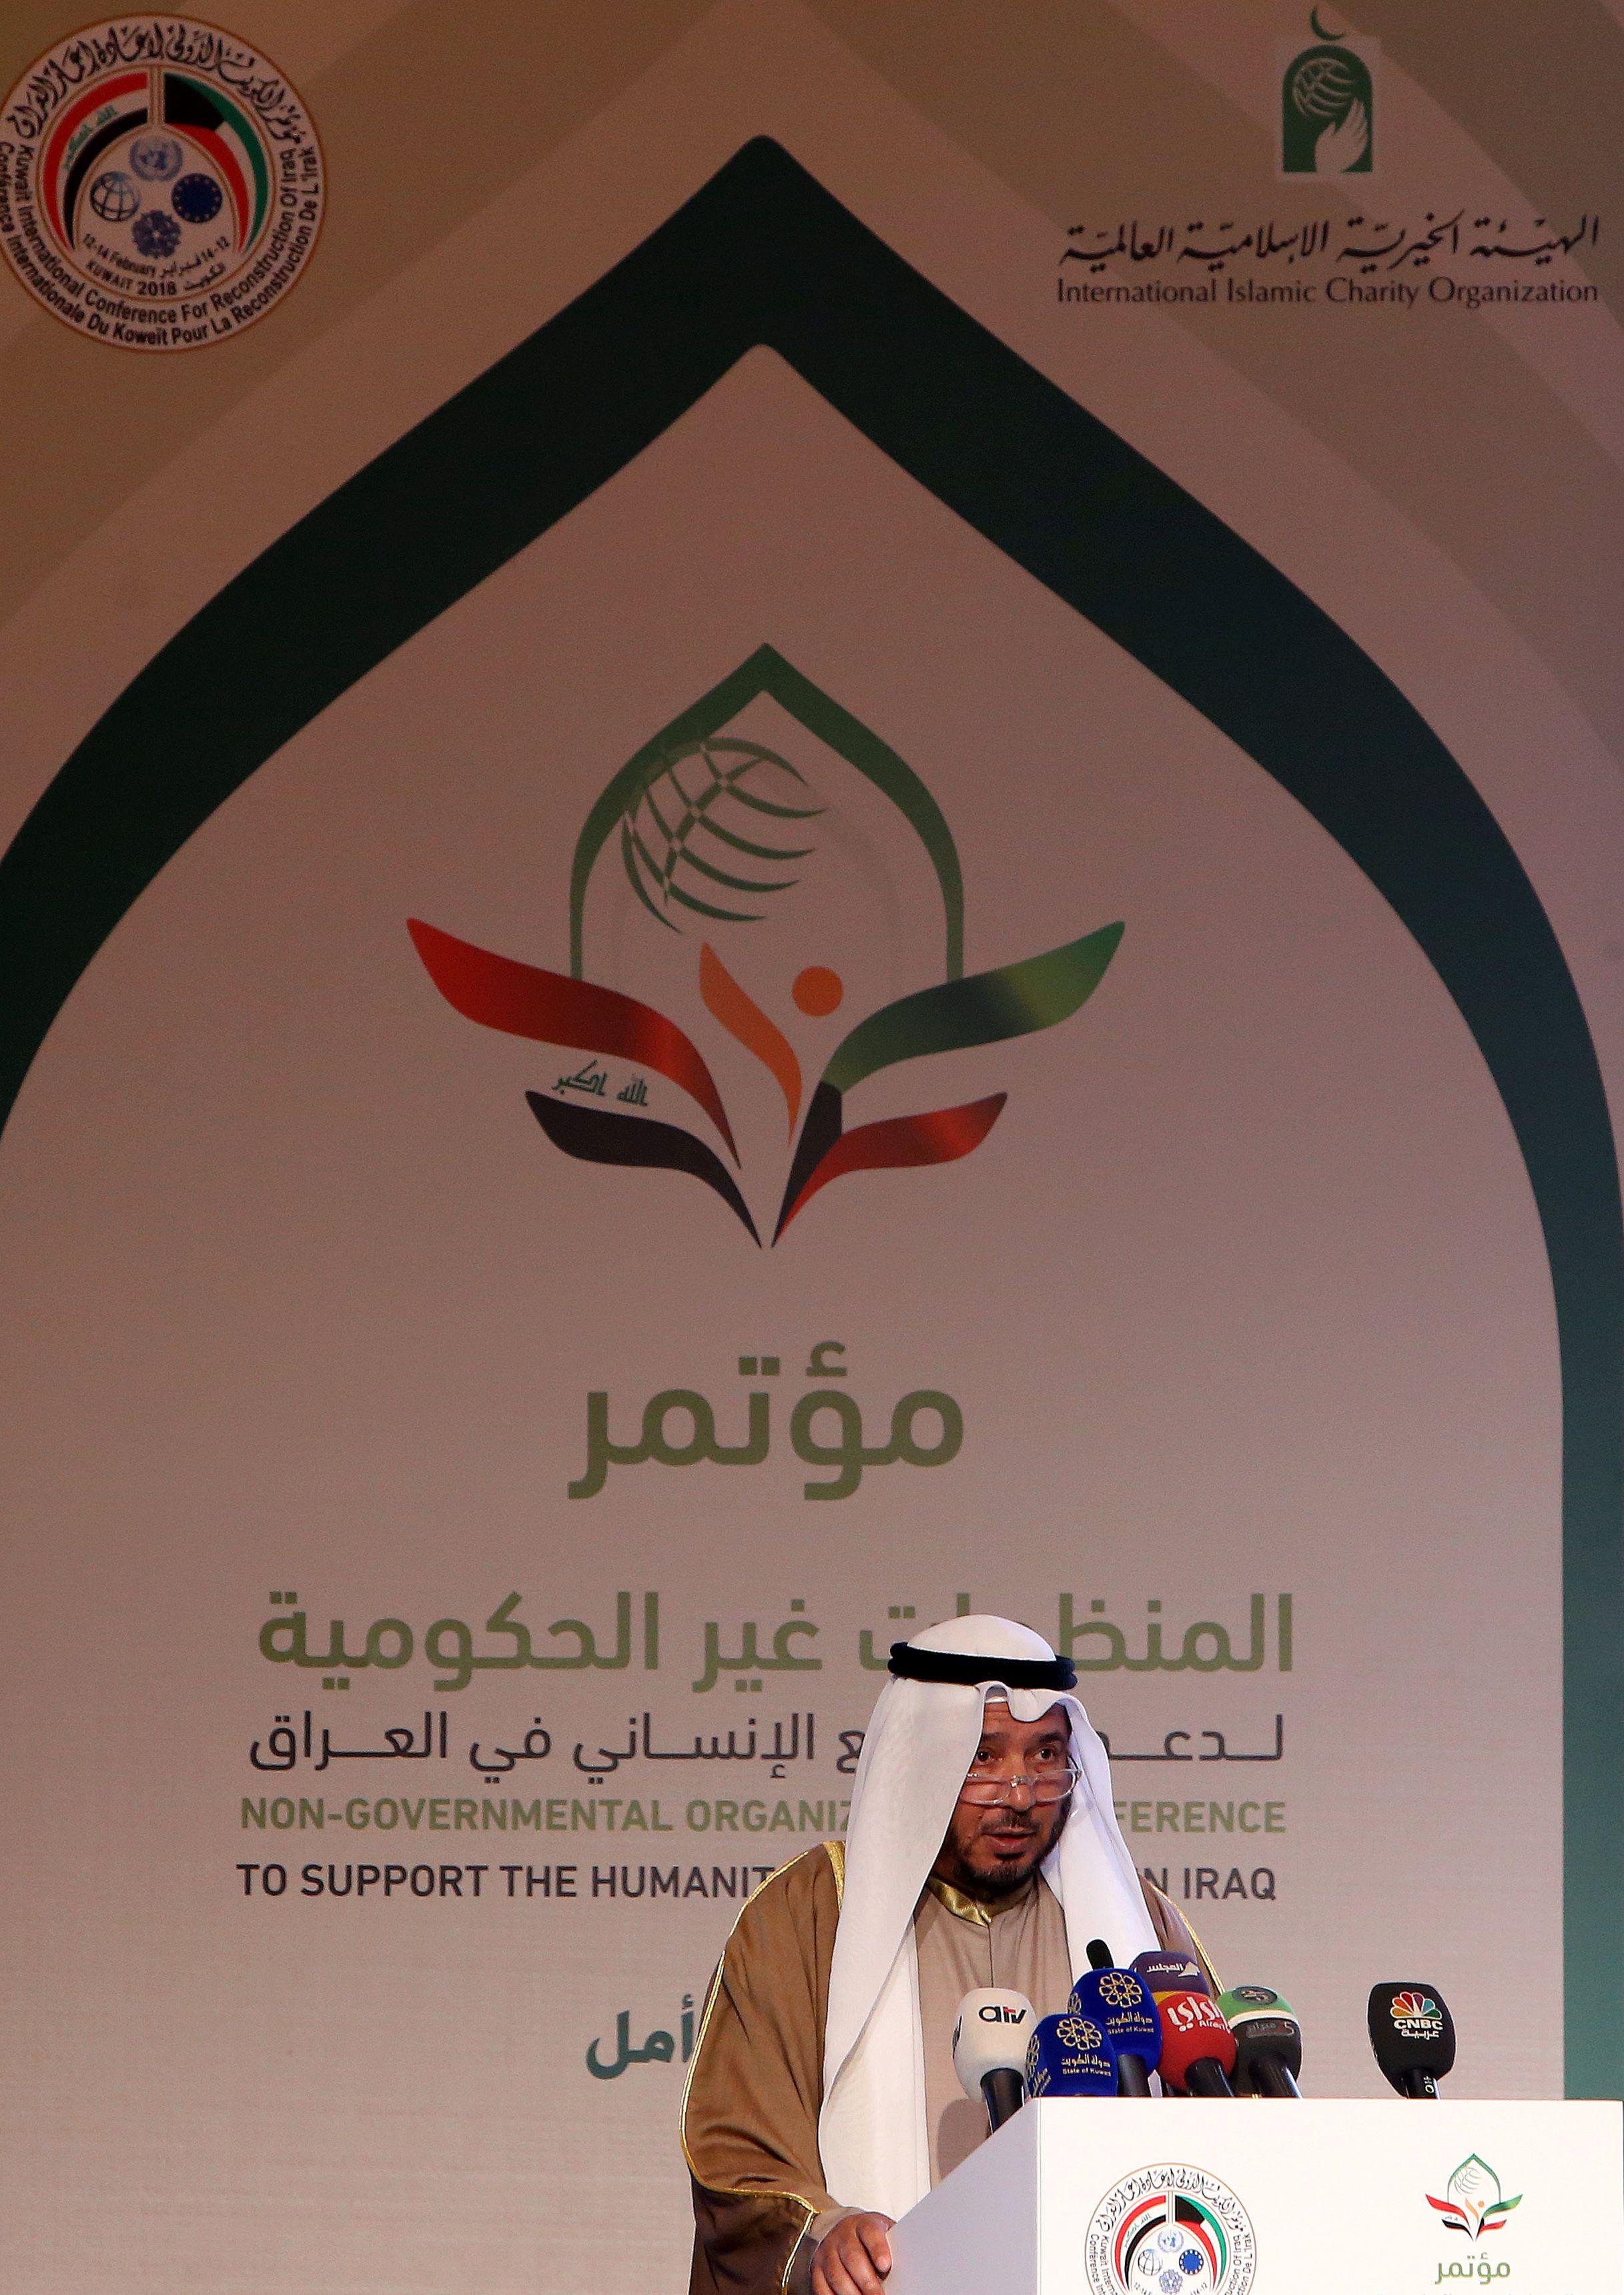 رئيس المنظمة الدولية للإغاثة الإسلامية فى الكويت